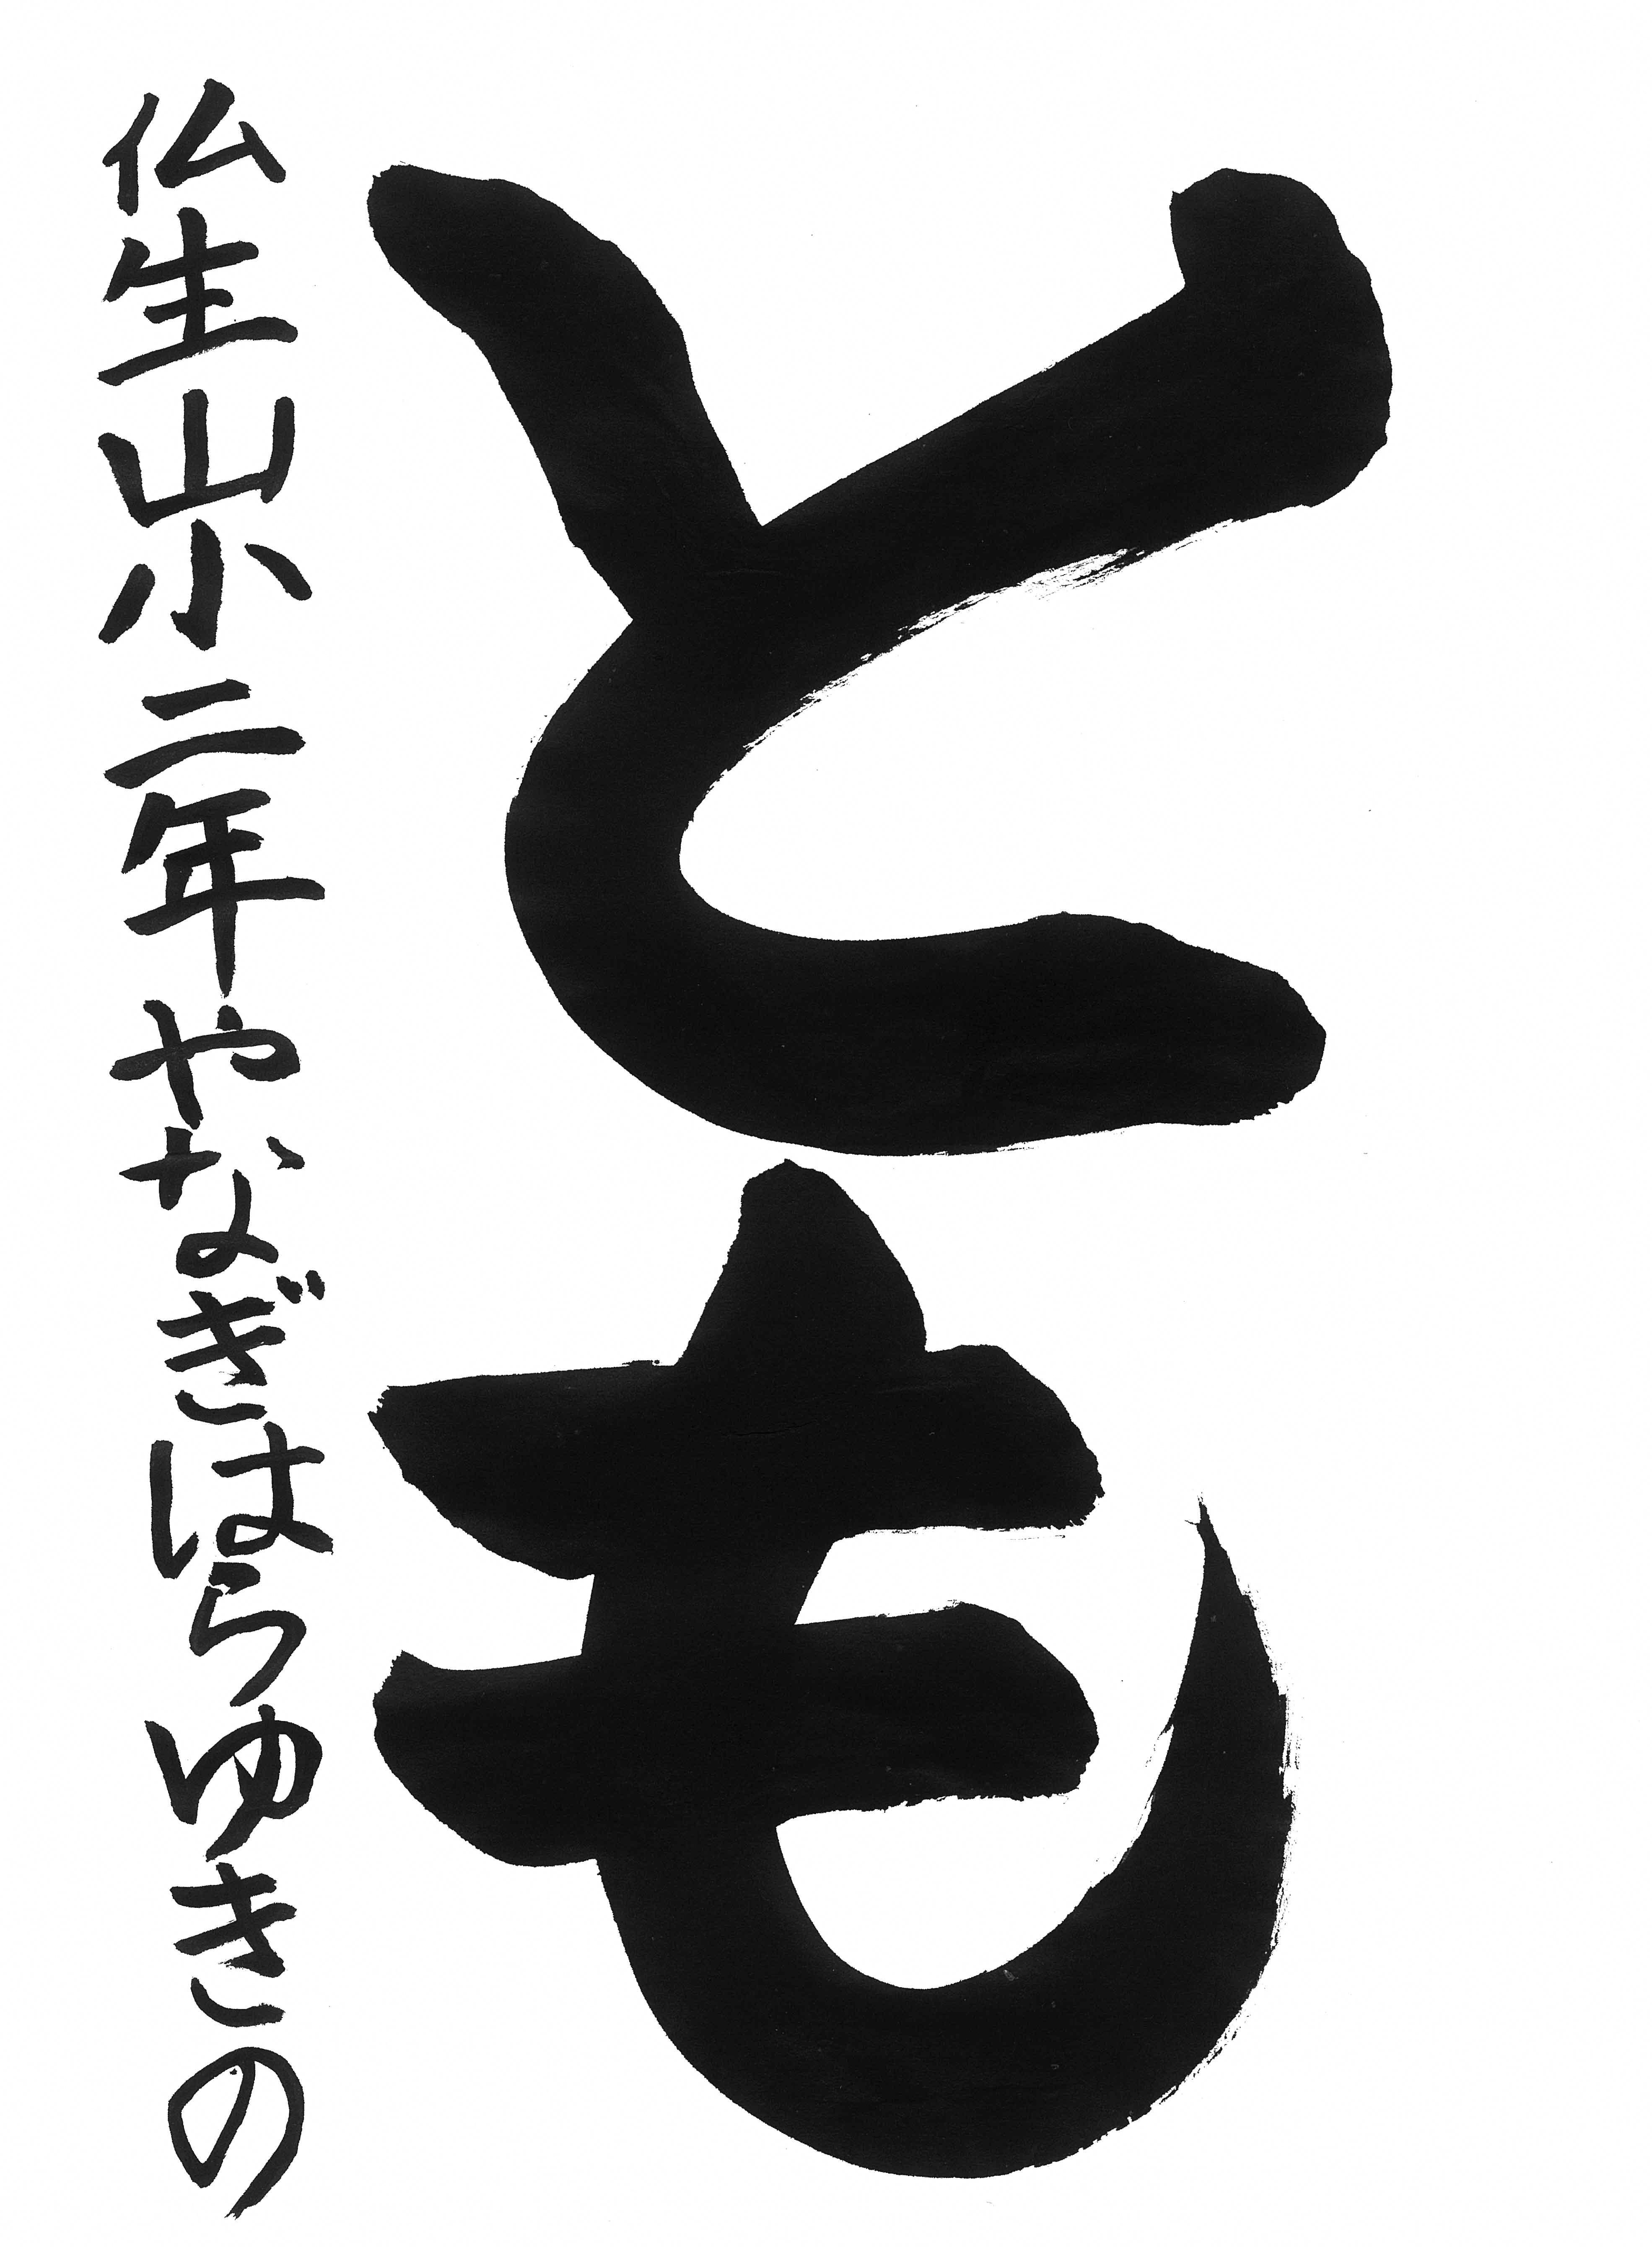 高松市立仏生山小学校 2年  柳原 有希乃